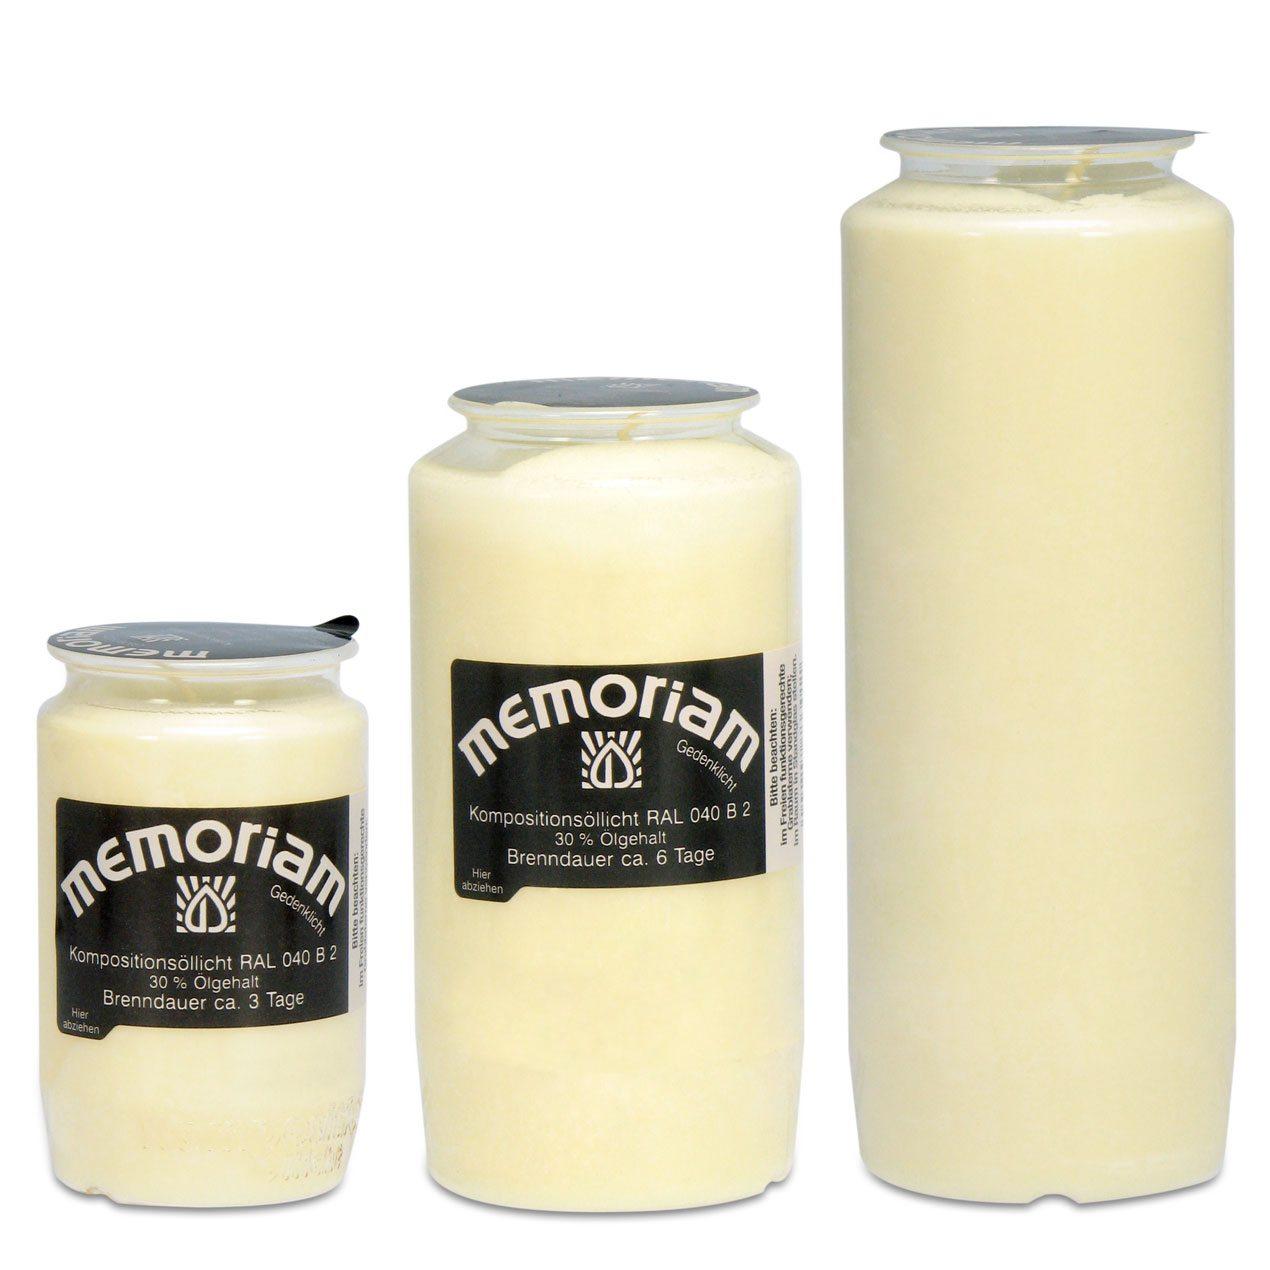 Memoriam Kompositions-Öllichte Weiß